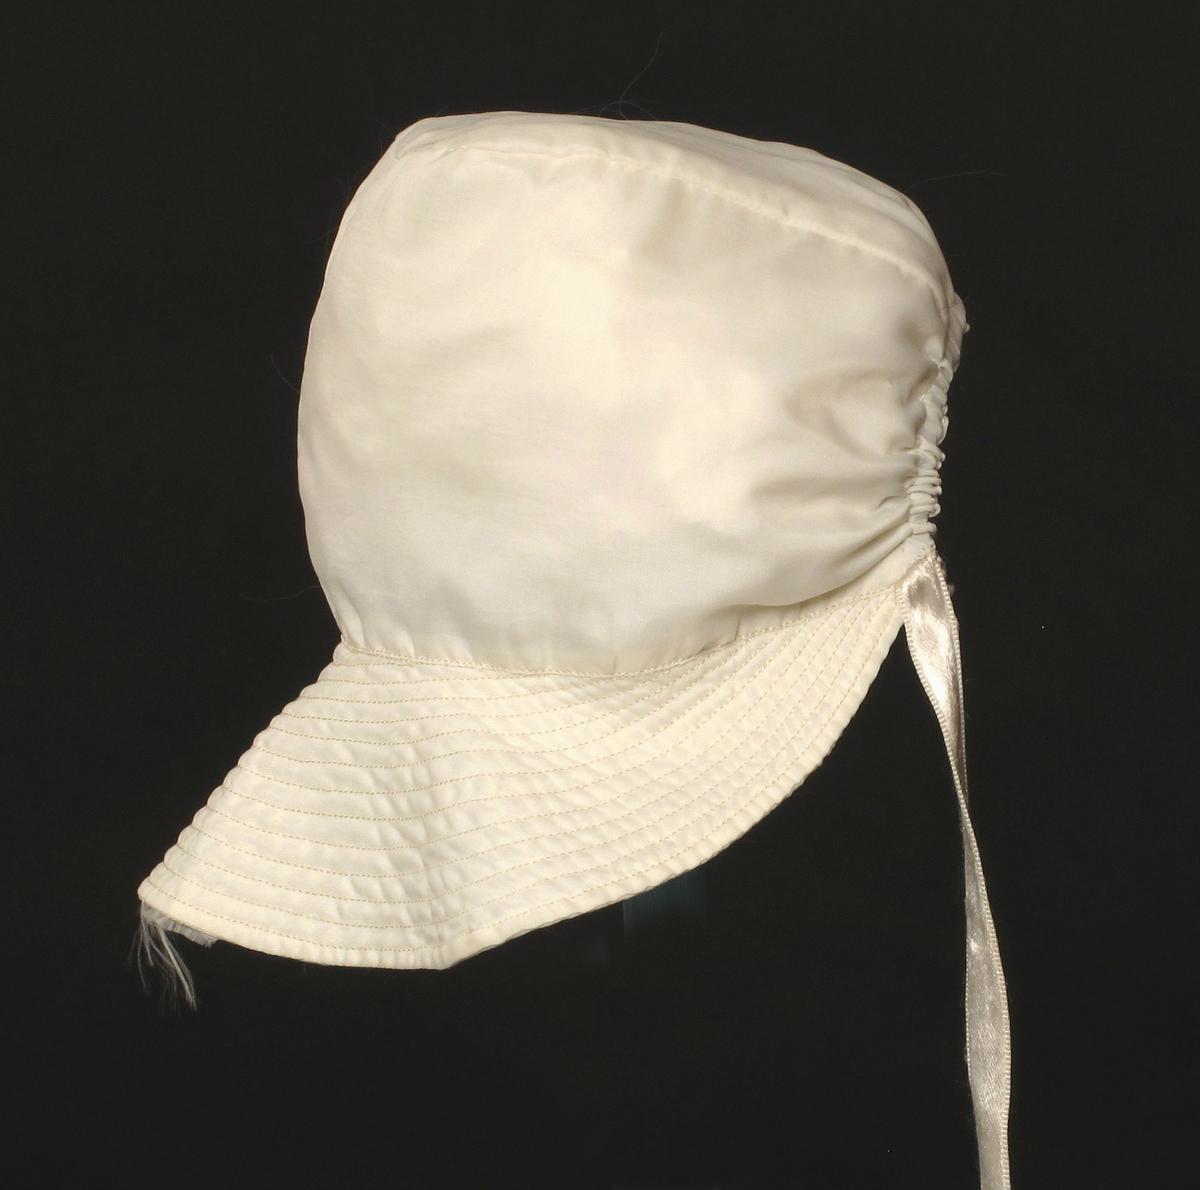 Småbarnlue sydd av hvit fallskjermsilke.